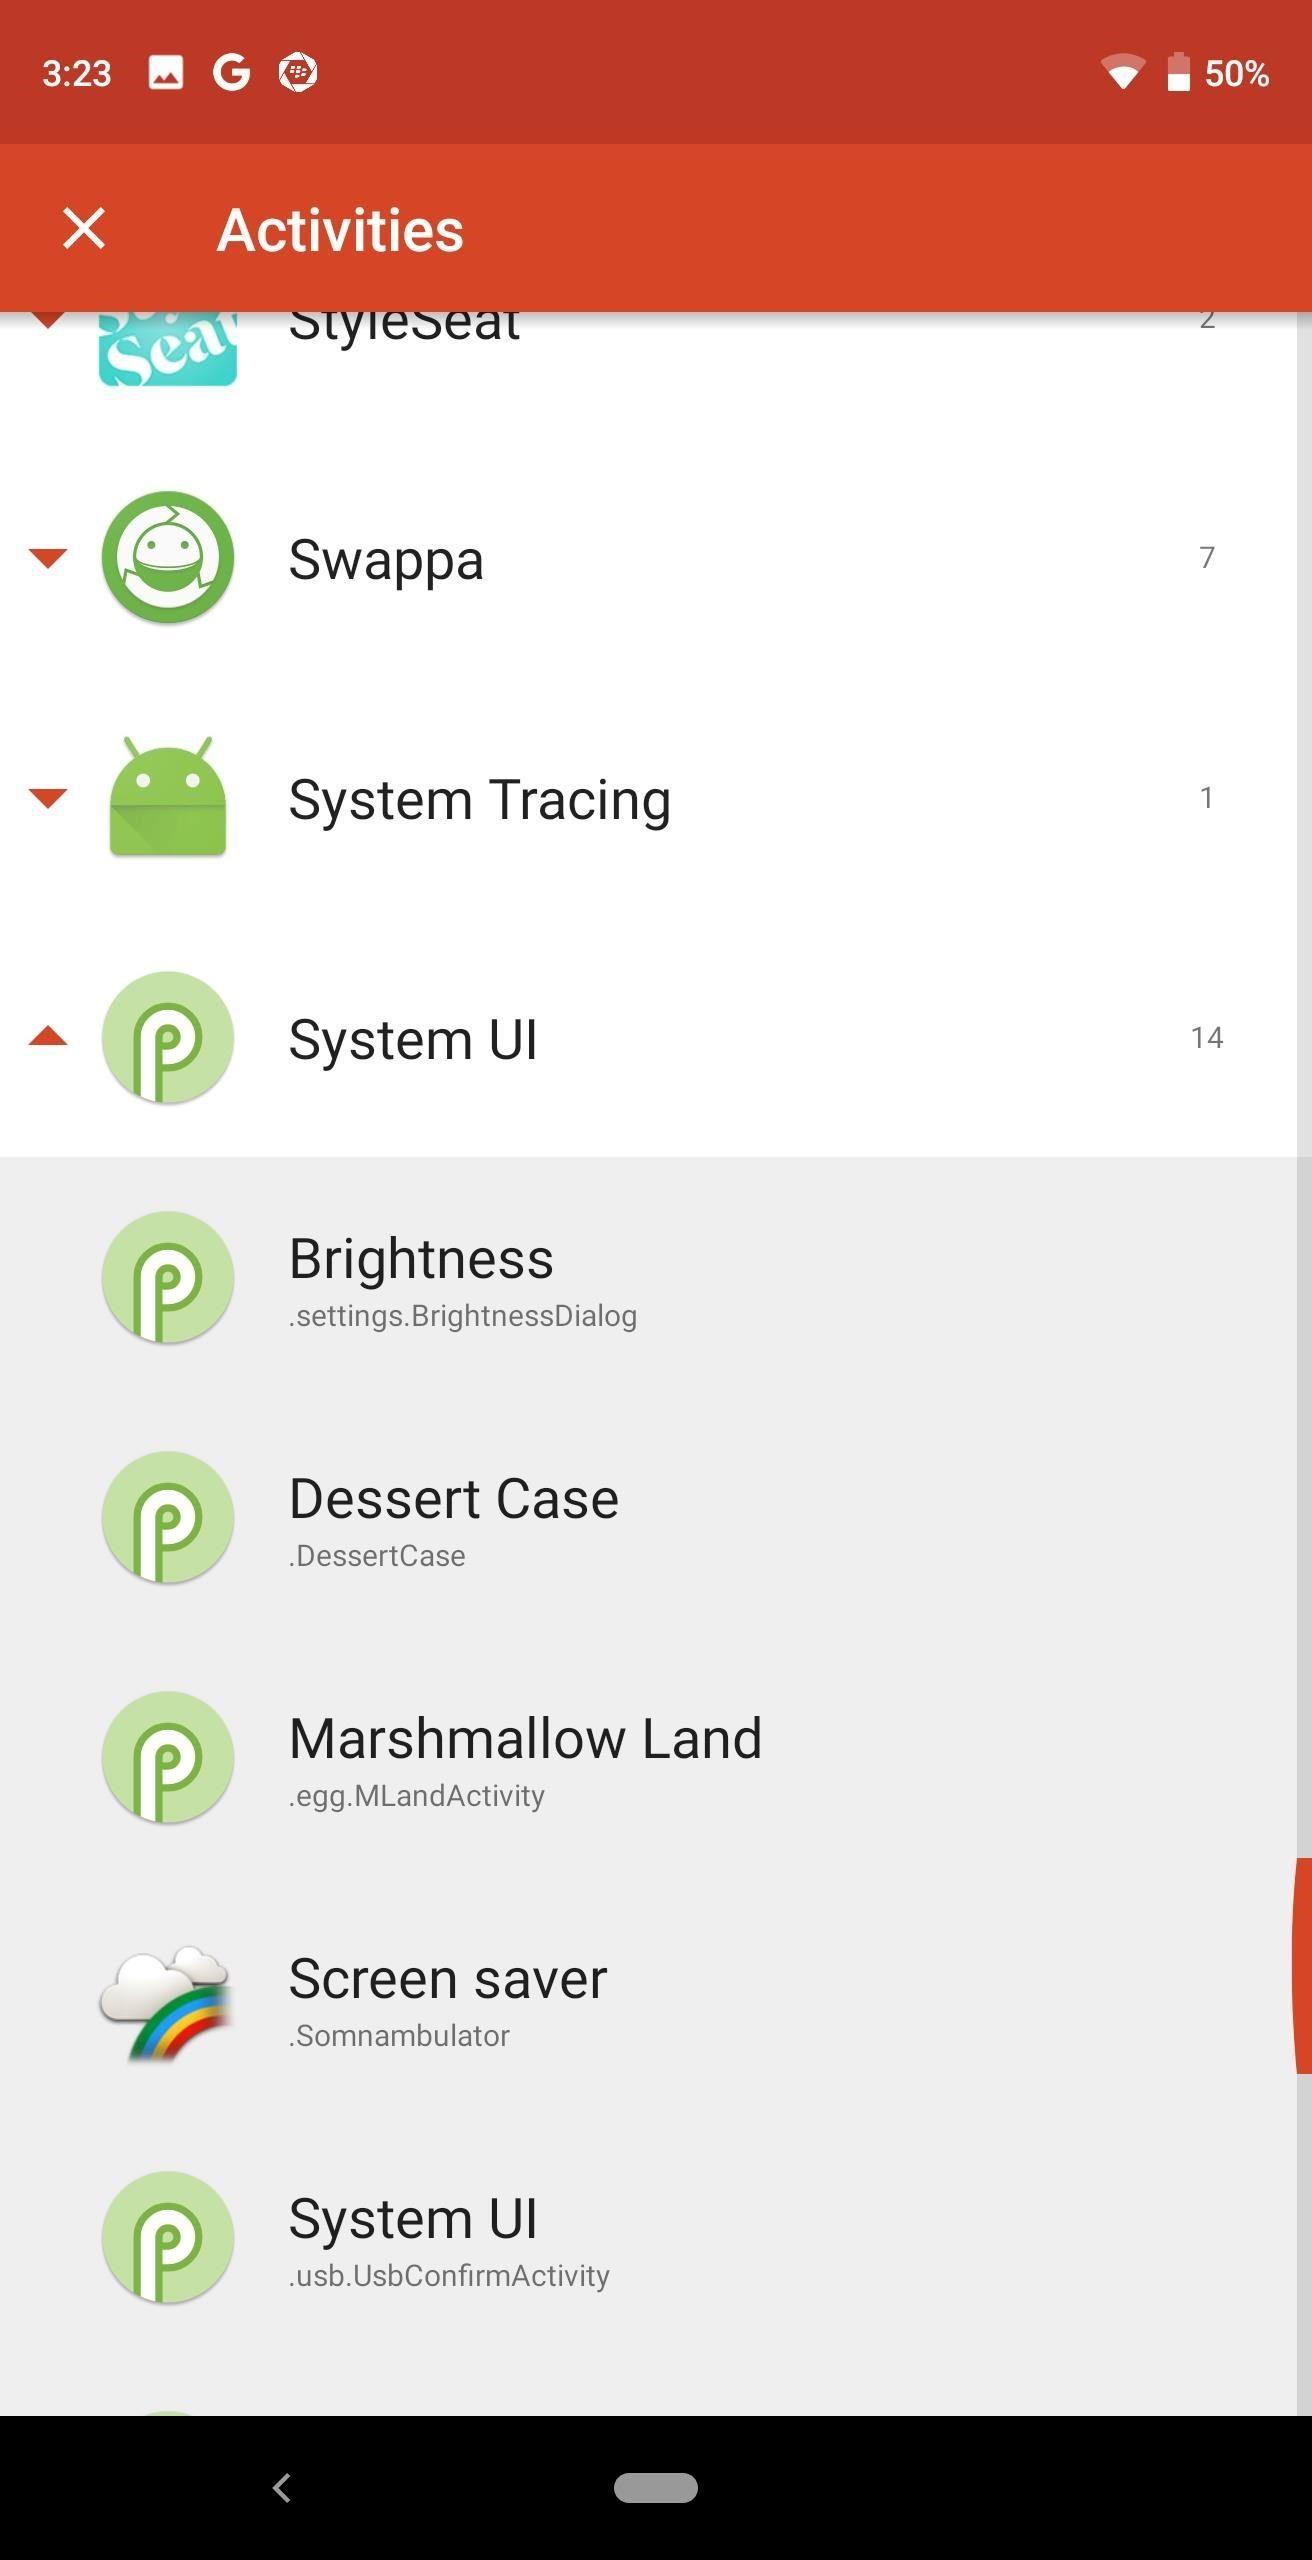 Oyun Gizli Flappy Bird hələ də Androiddədir 9.0 Pie: bu açmaq üçün bir yoldur